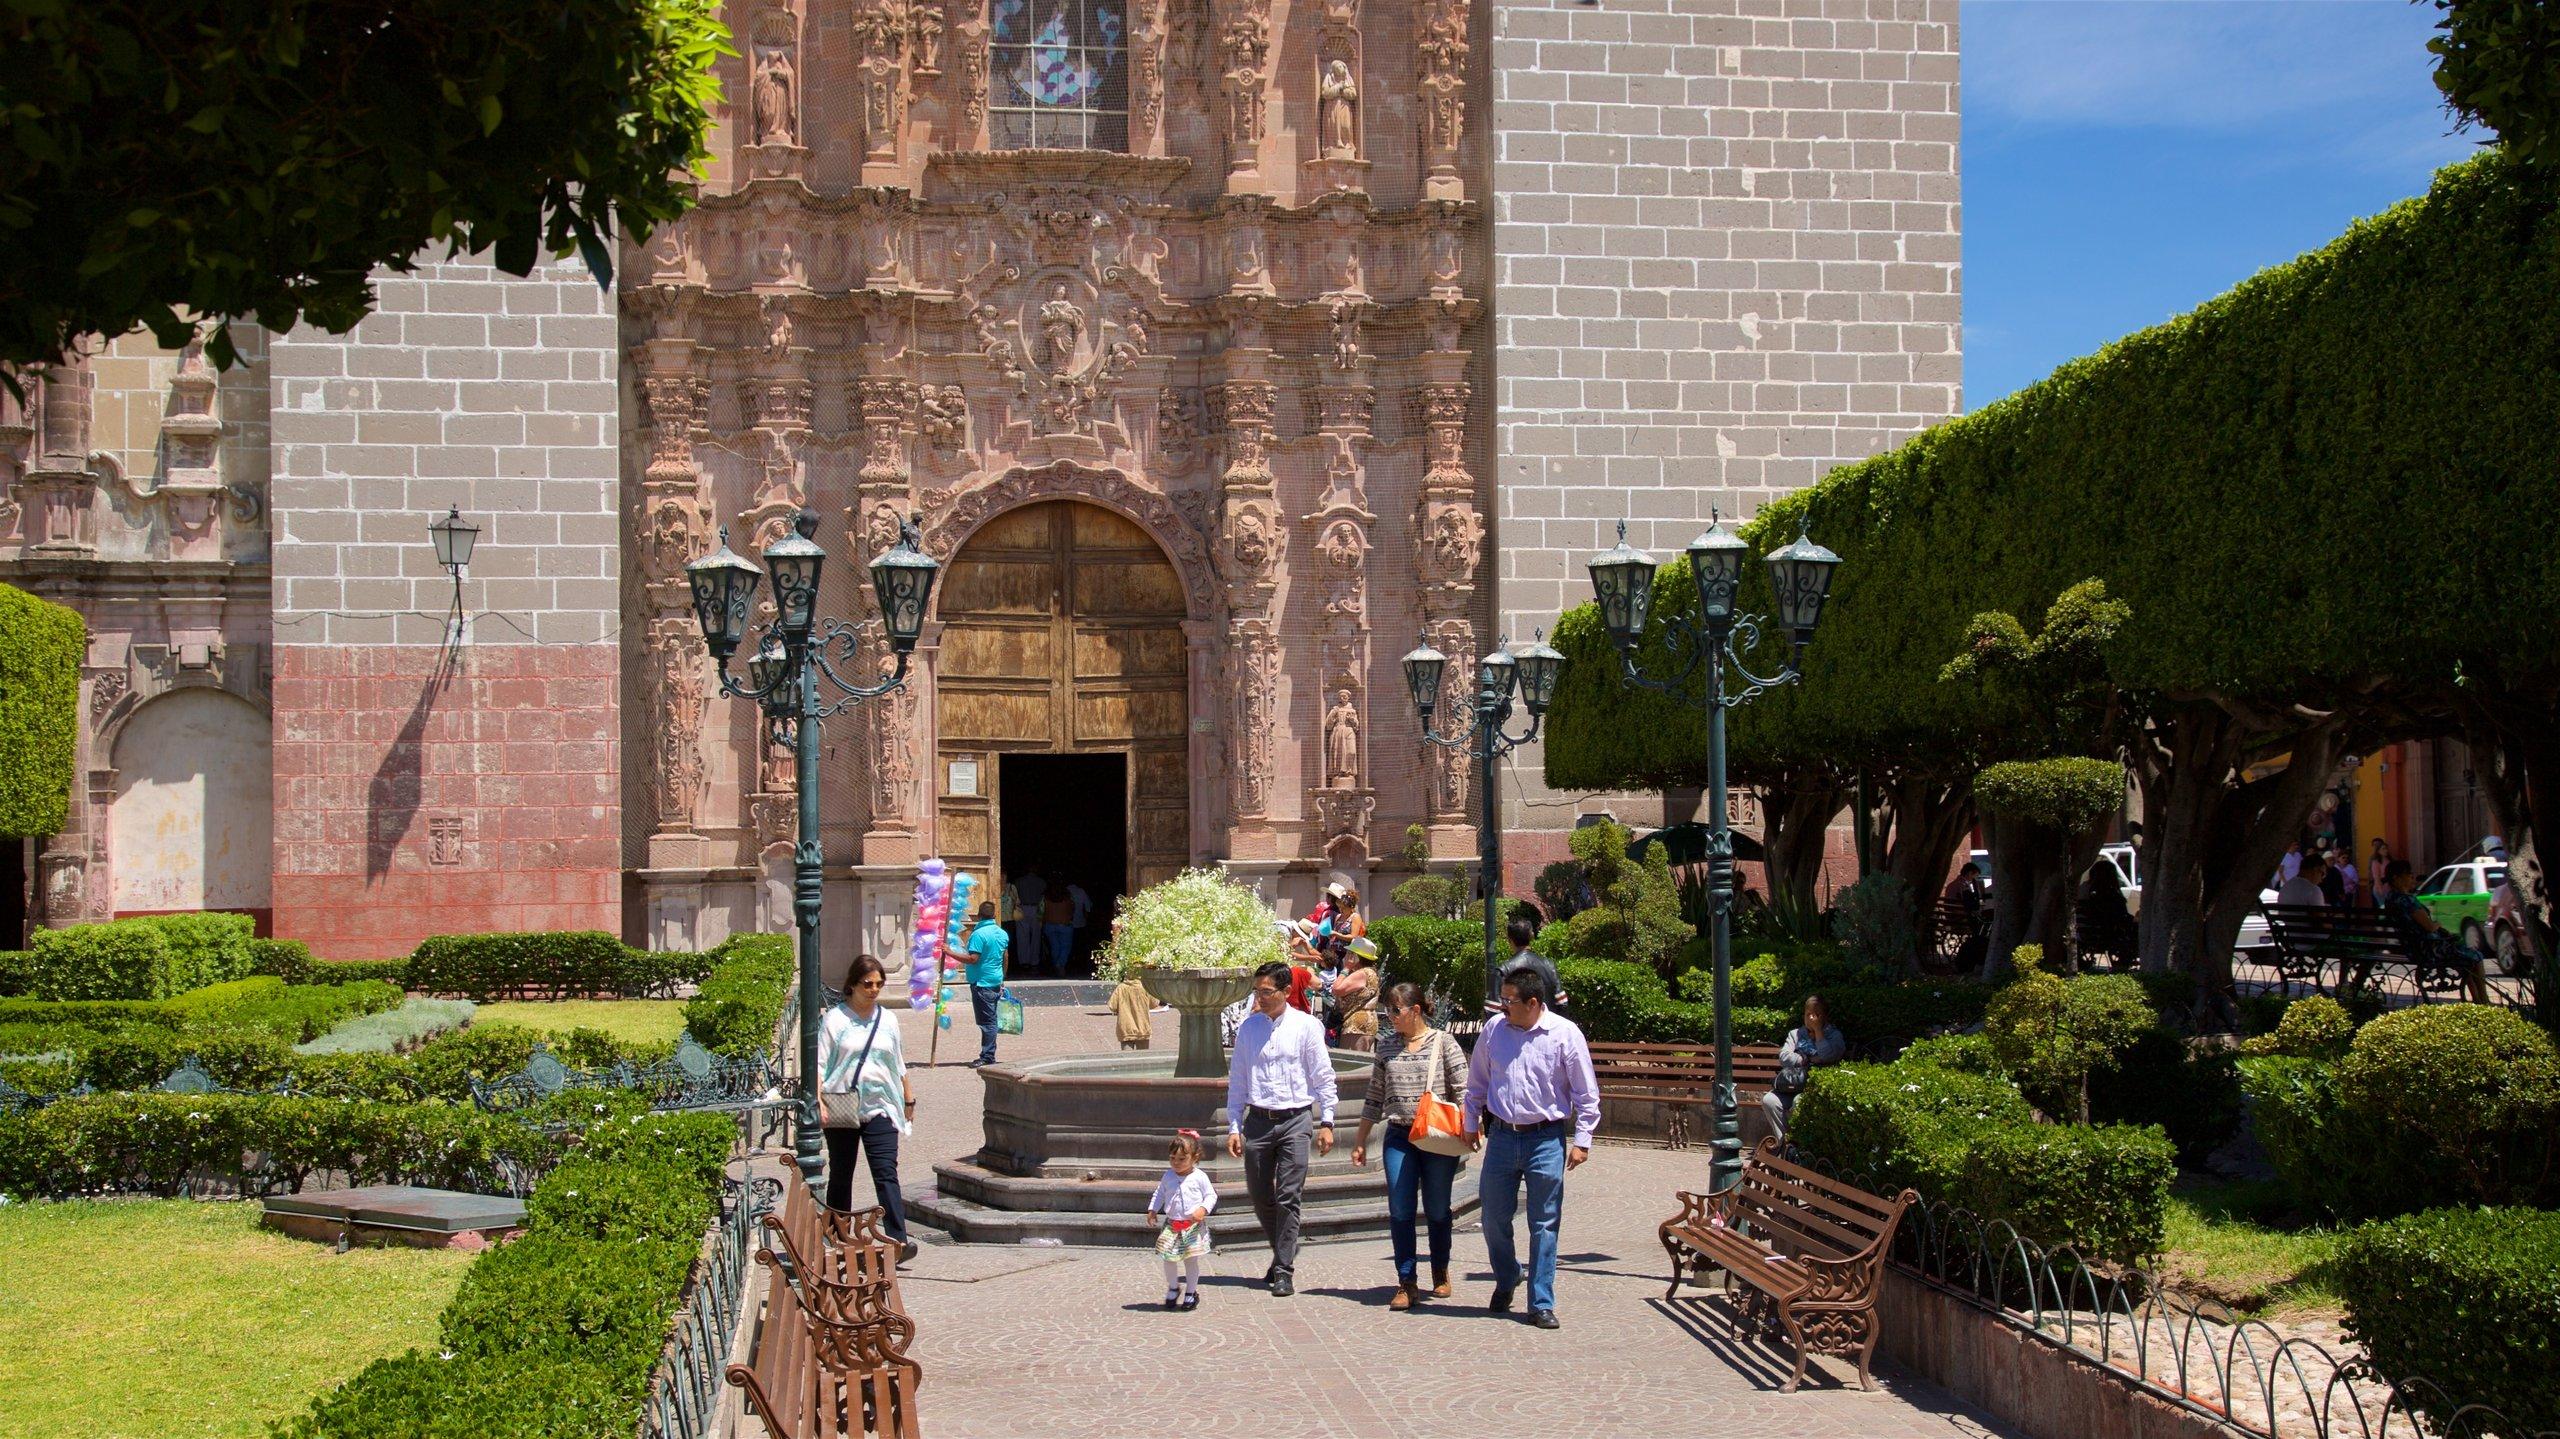 Templo de San Francisco, San Miguel de Allende, Guanajuato, Mexico